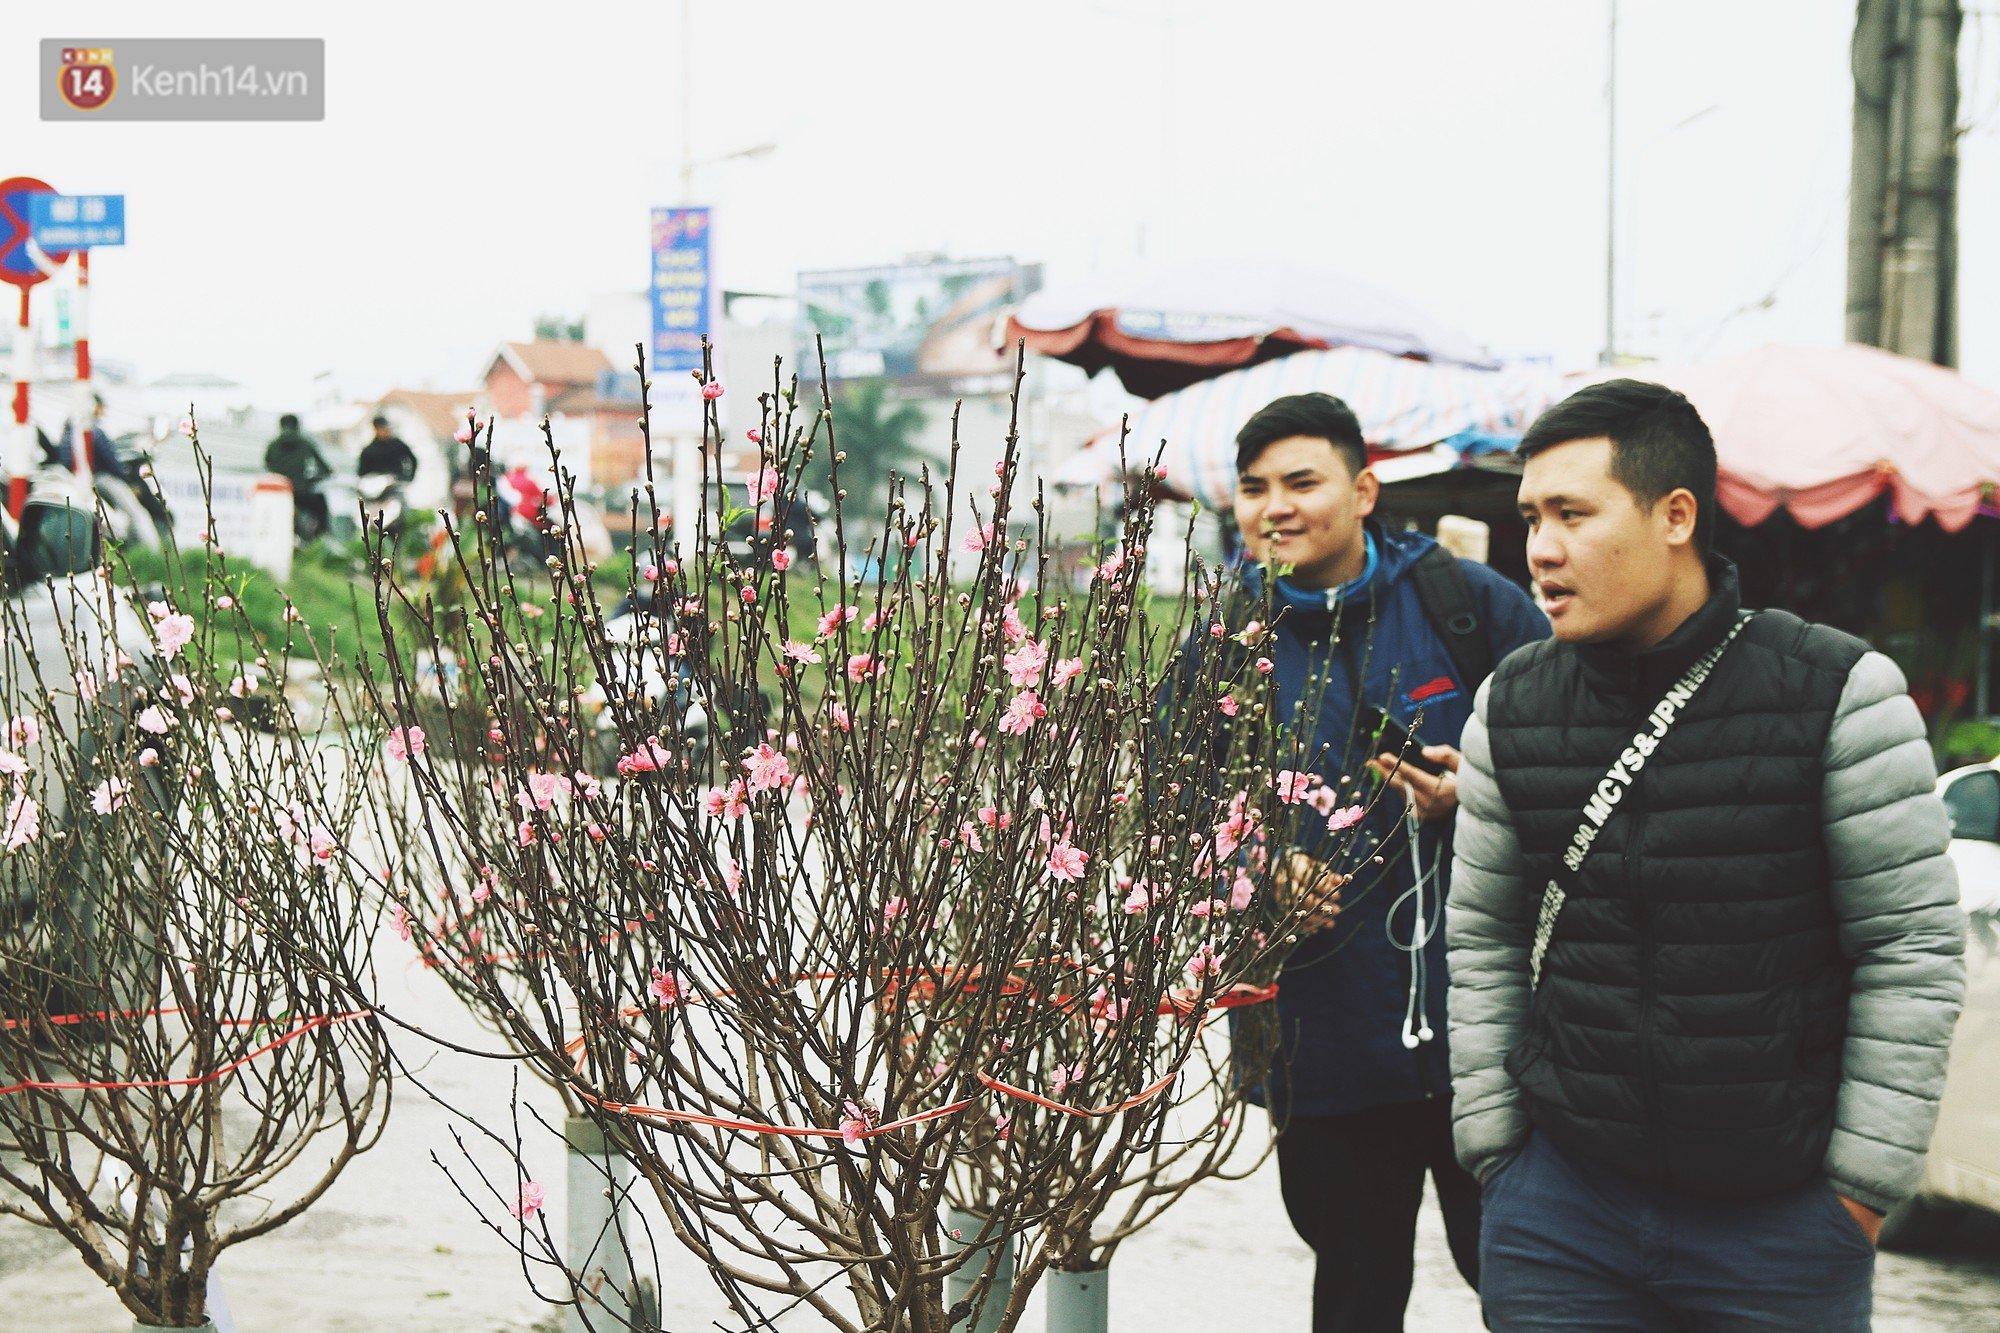 Người dân làng đào Nhật Tân: Từ giờ đến Tết mà rét thế này thì đào không nở hoa kịp mất! - Ảnh 9.